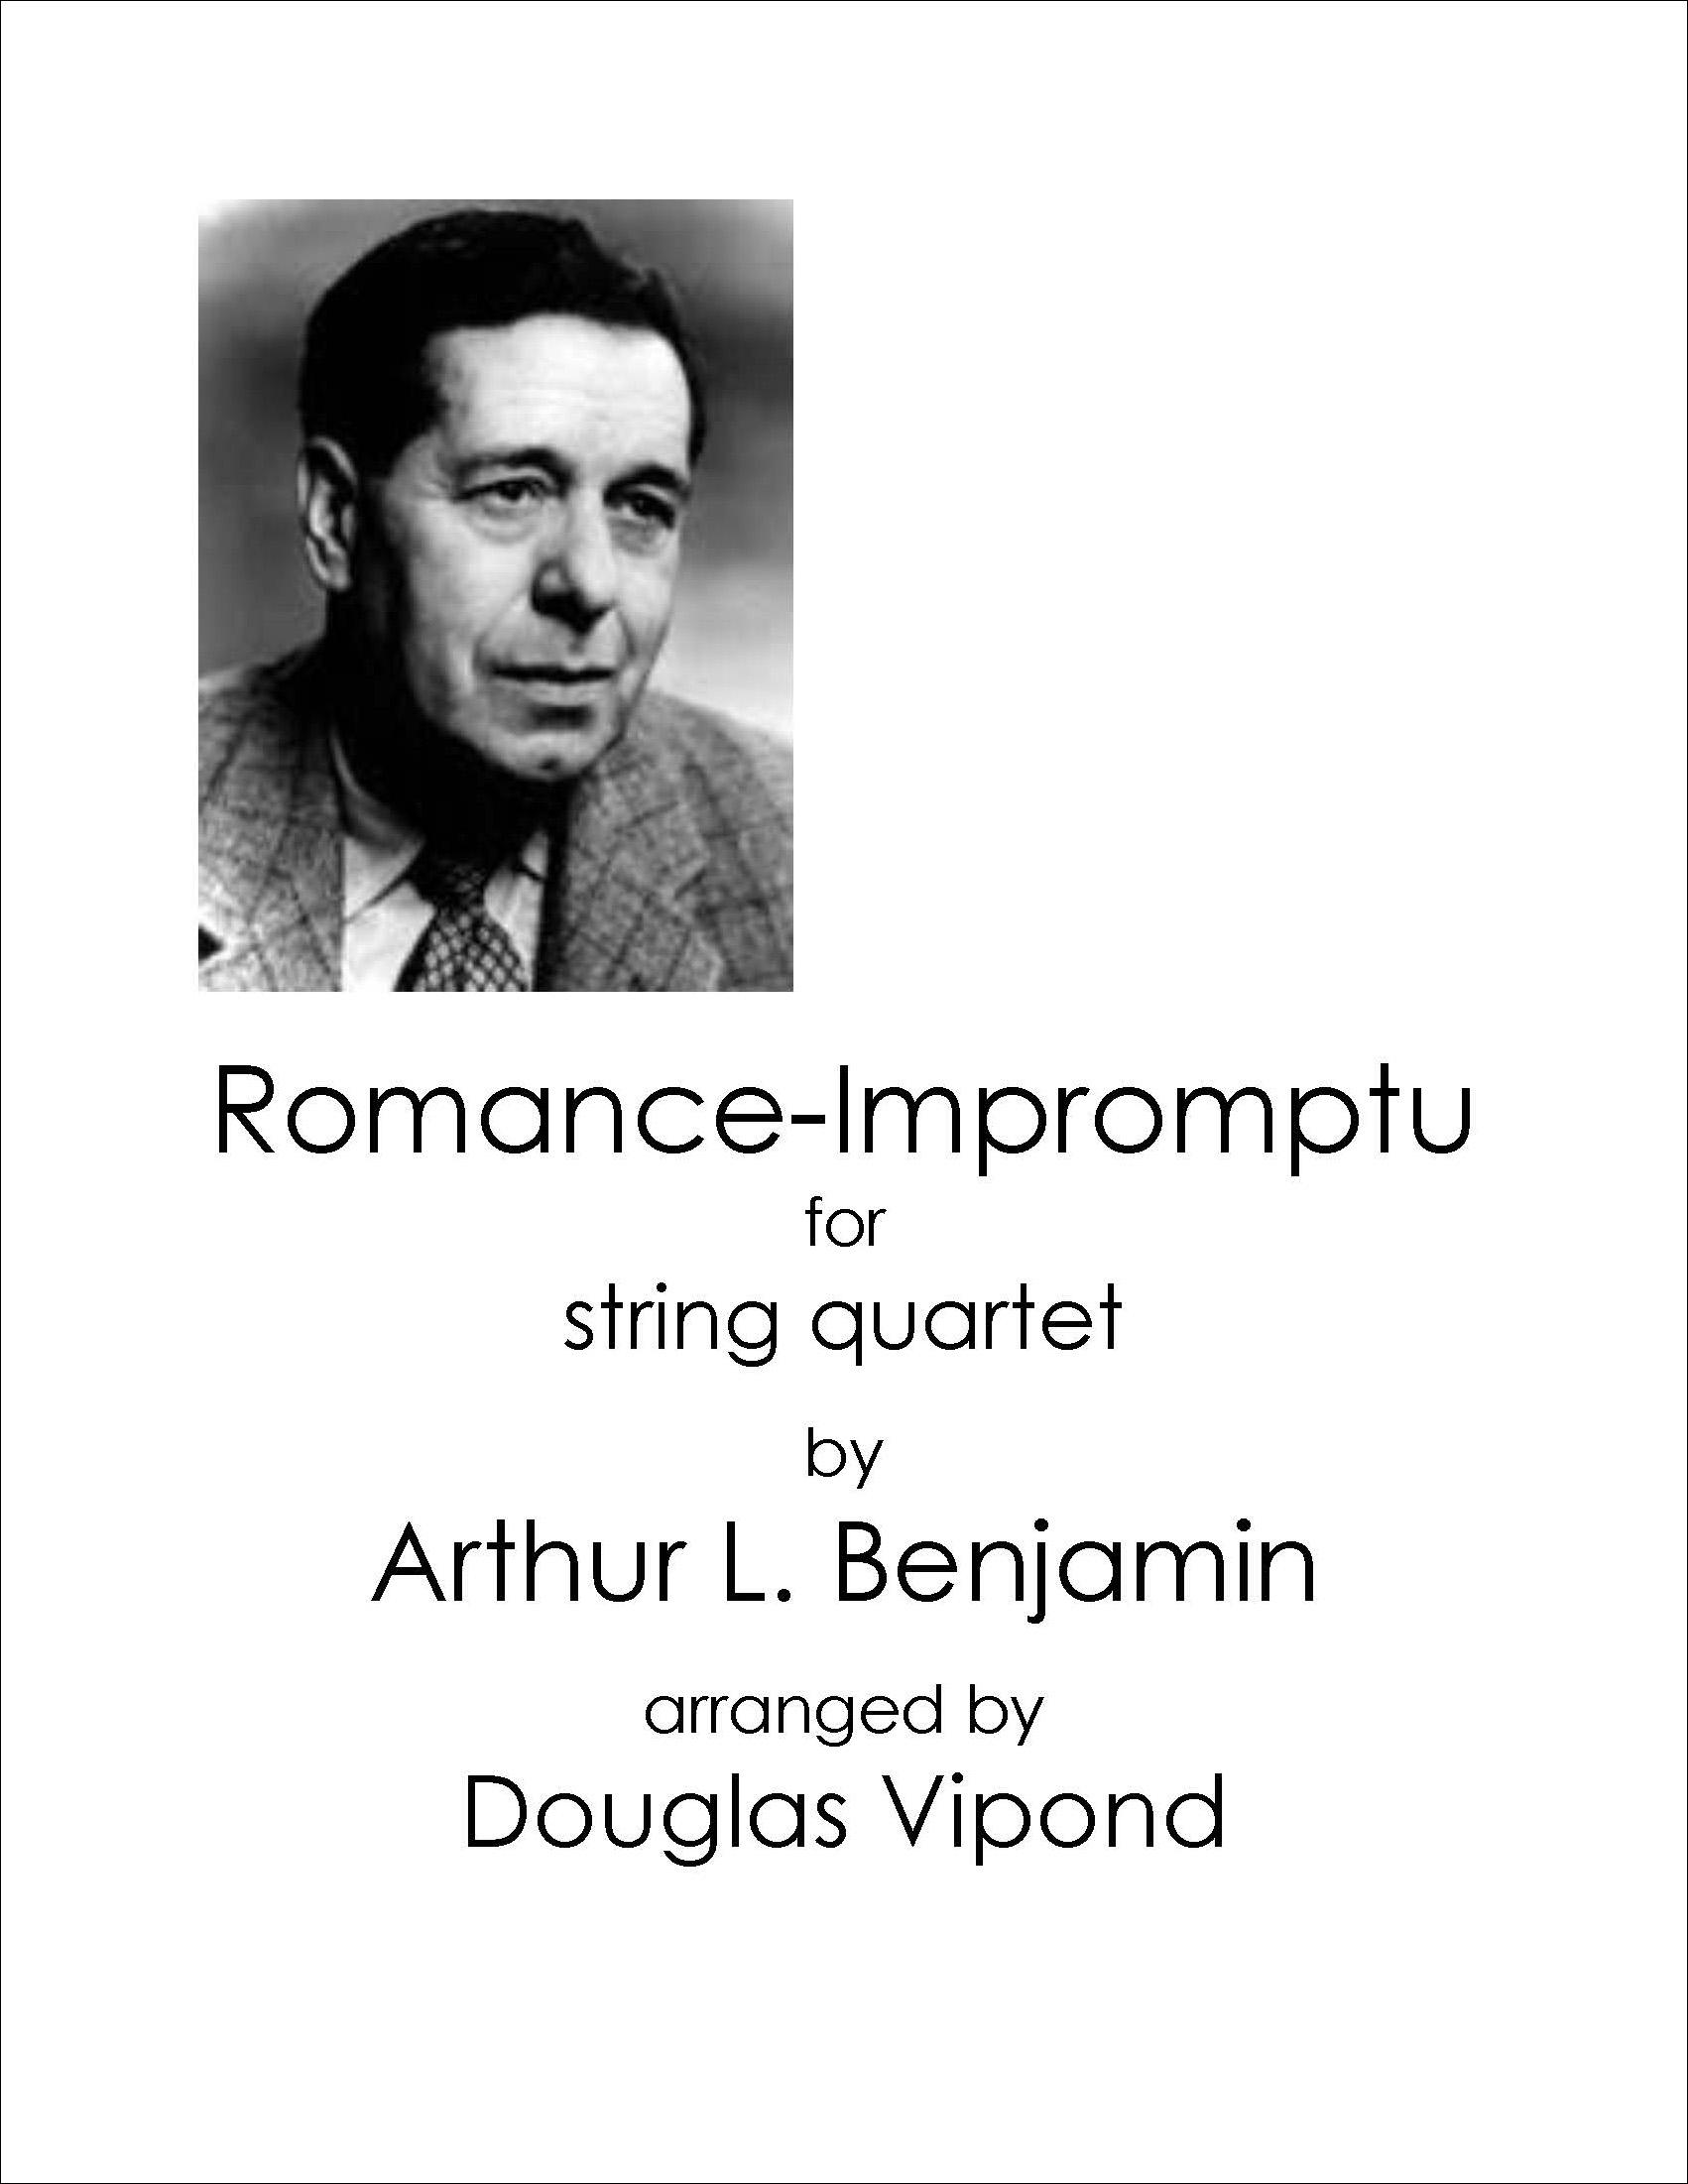 Romance-Impromptu